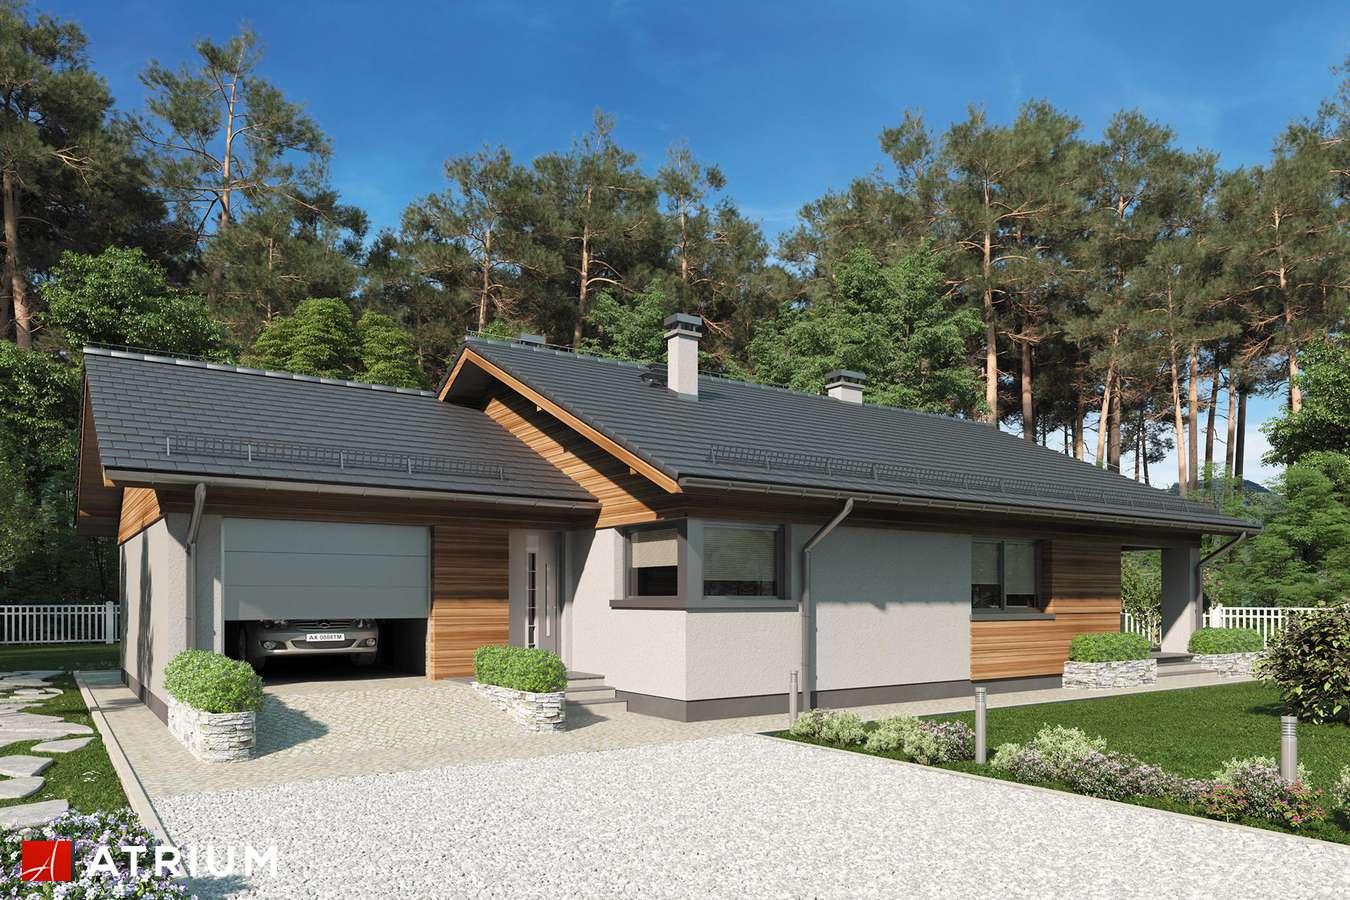 Projekty domów - Projekt domu parterowego KOS IV SZ - wizualizacja 1 - wersja lustrzana